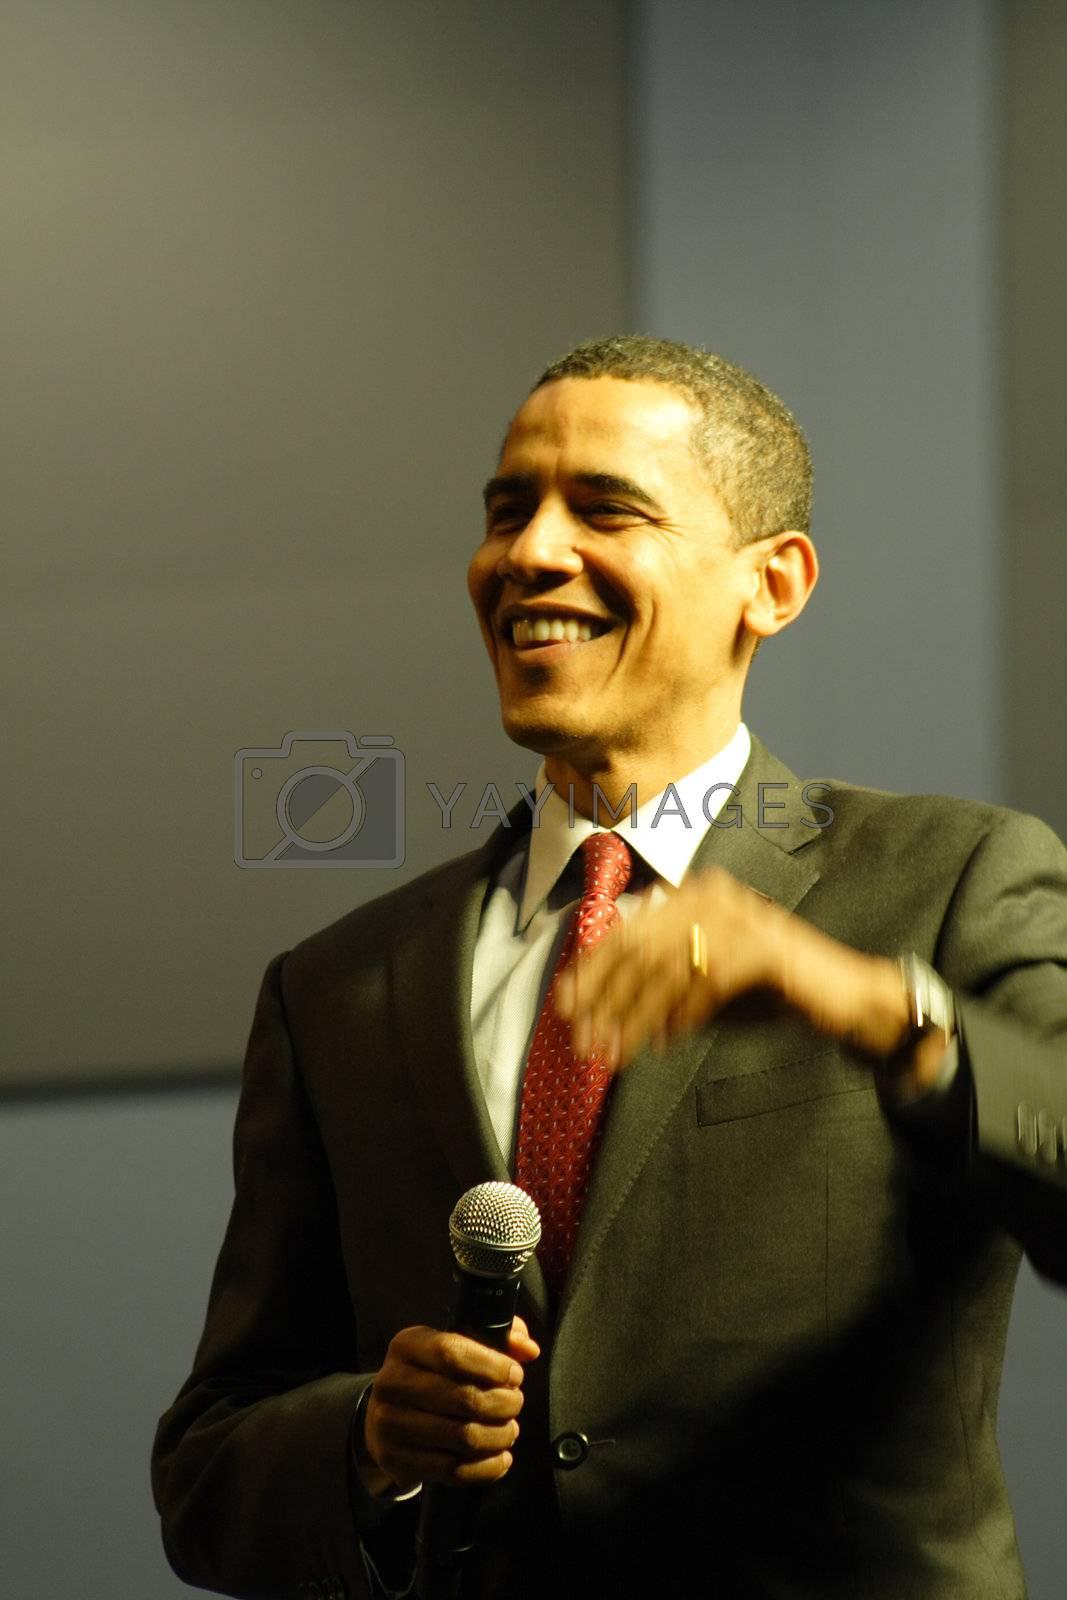 Barack Obama by dersankt